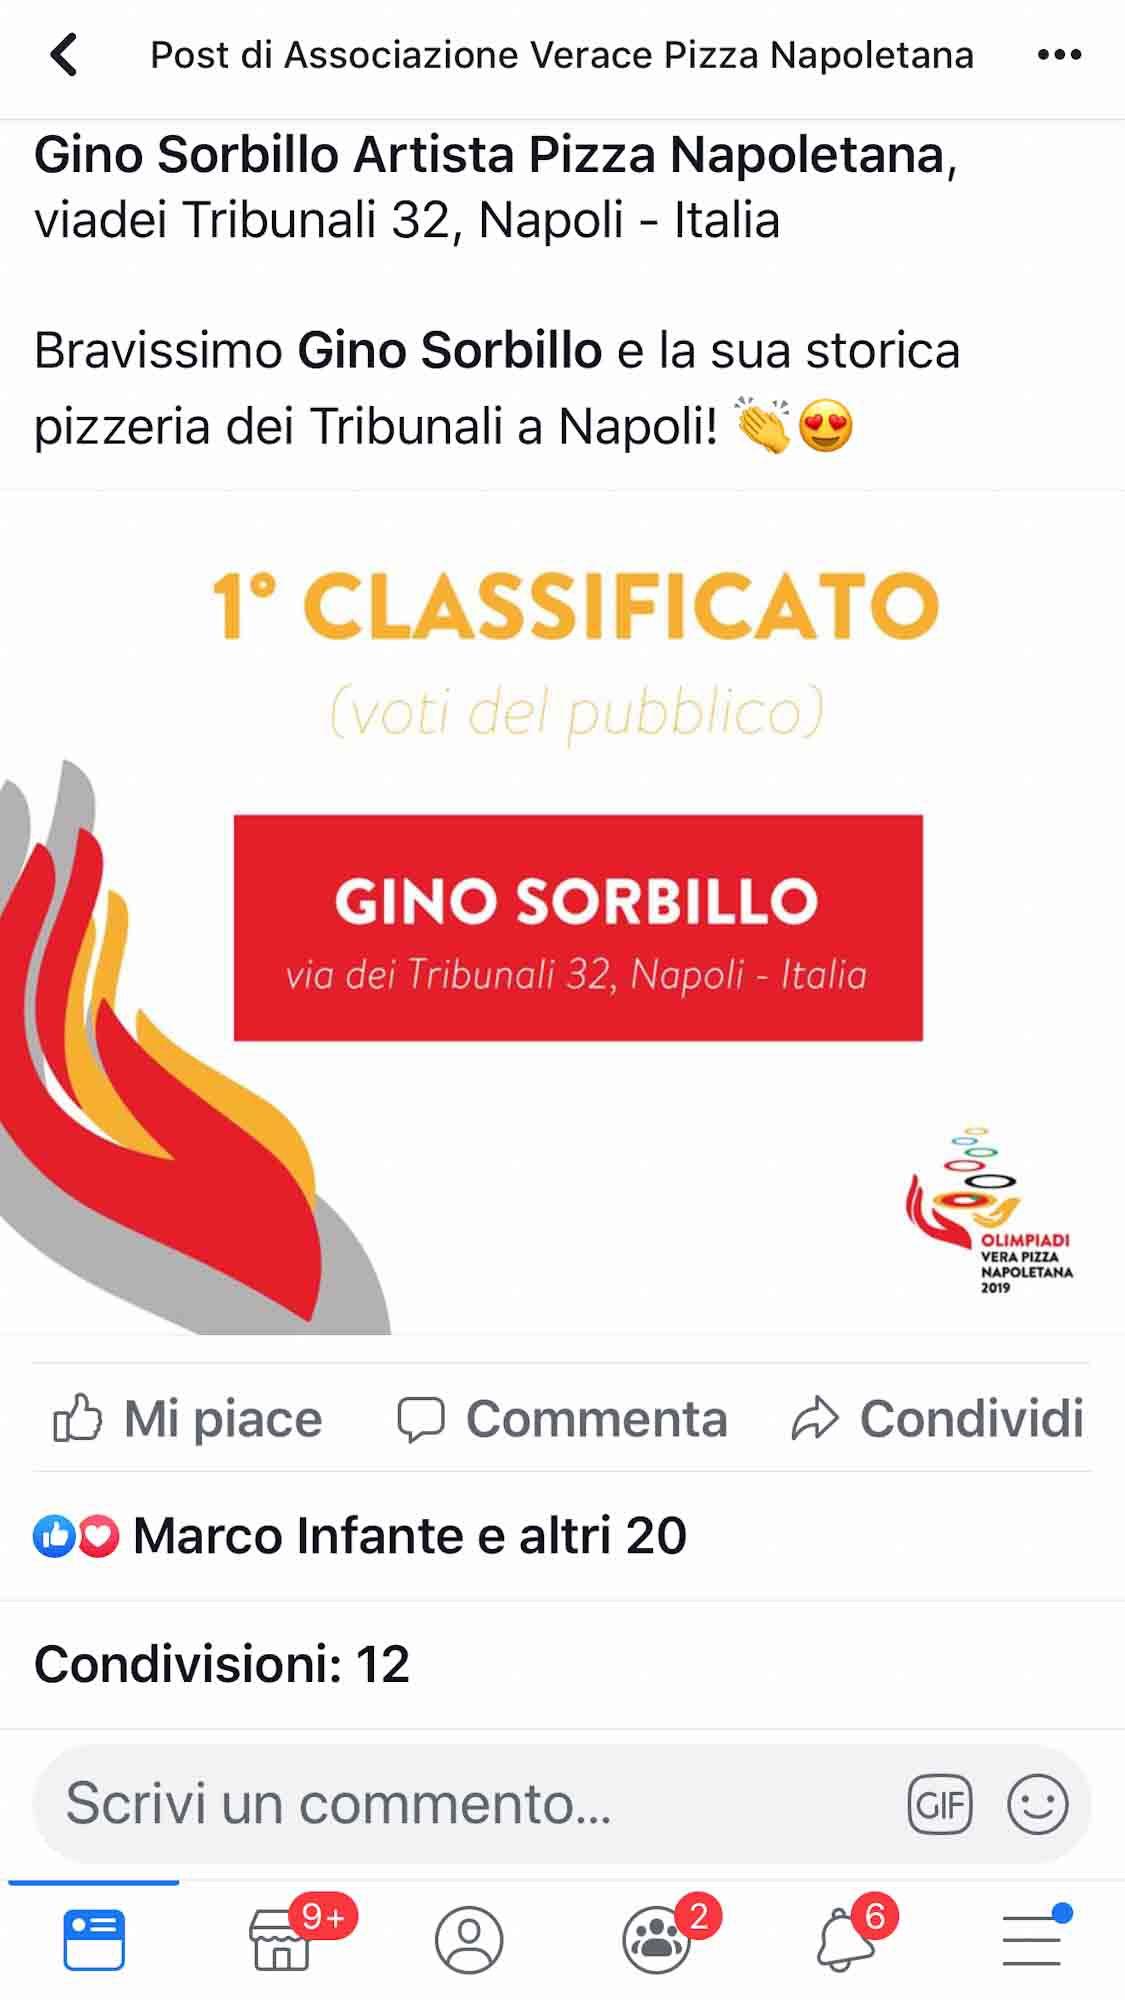 Gino Sorbillo vince le Olimpiadi della Vera Pizza Napoletana per il pubblico